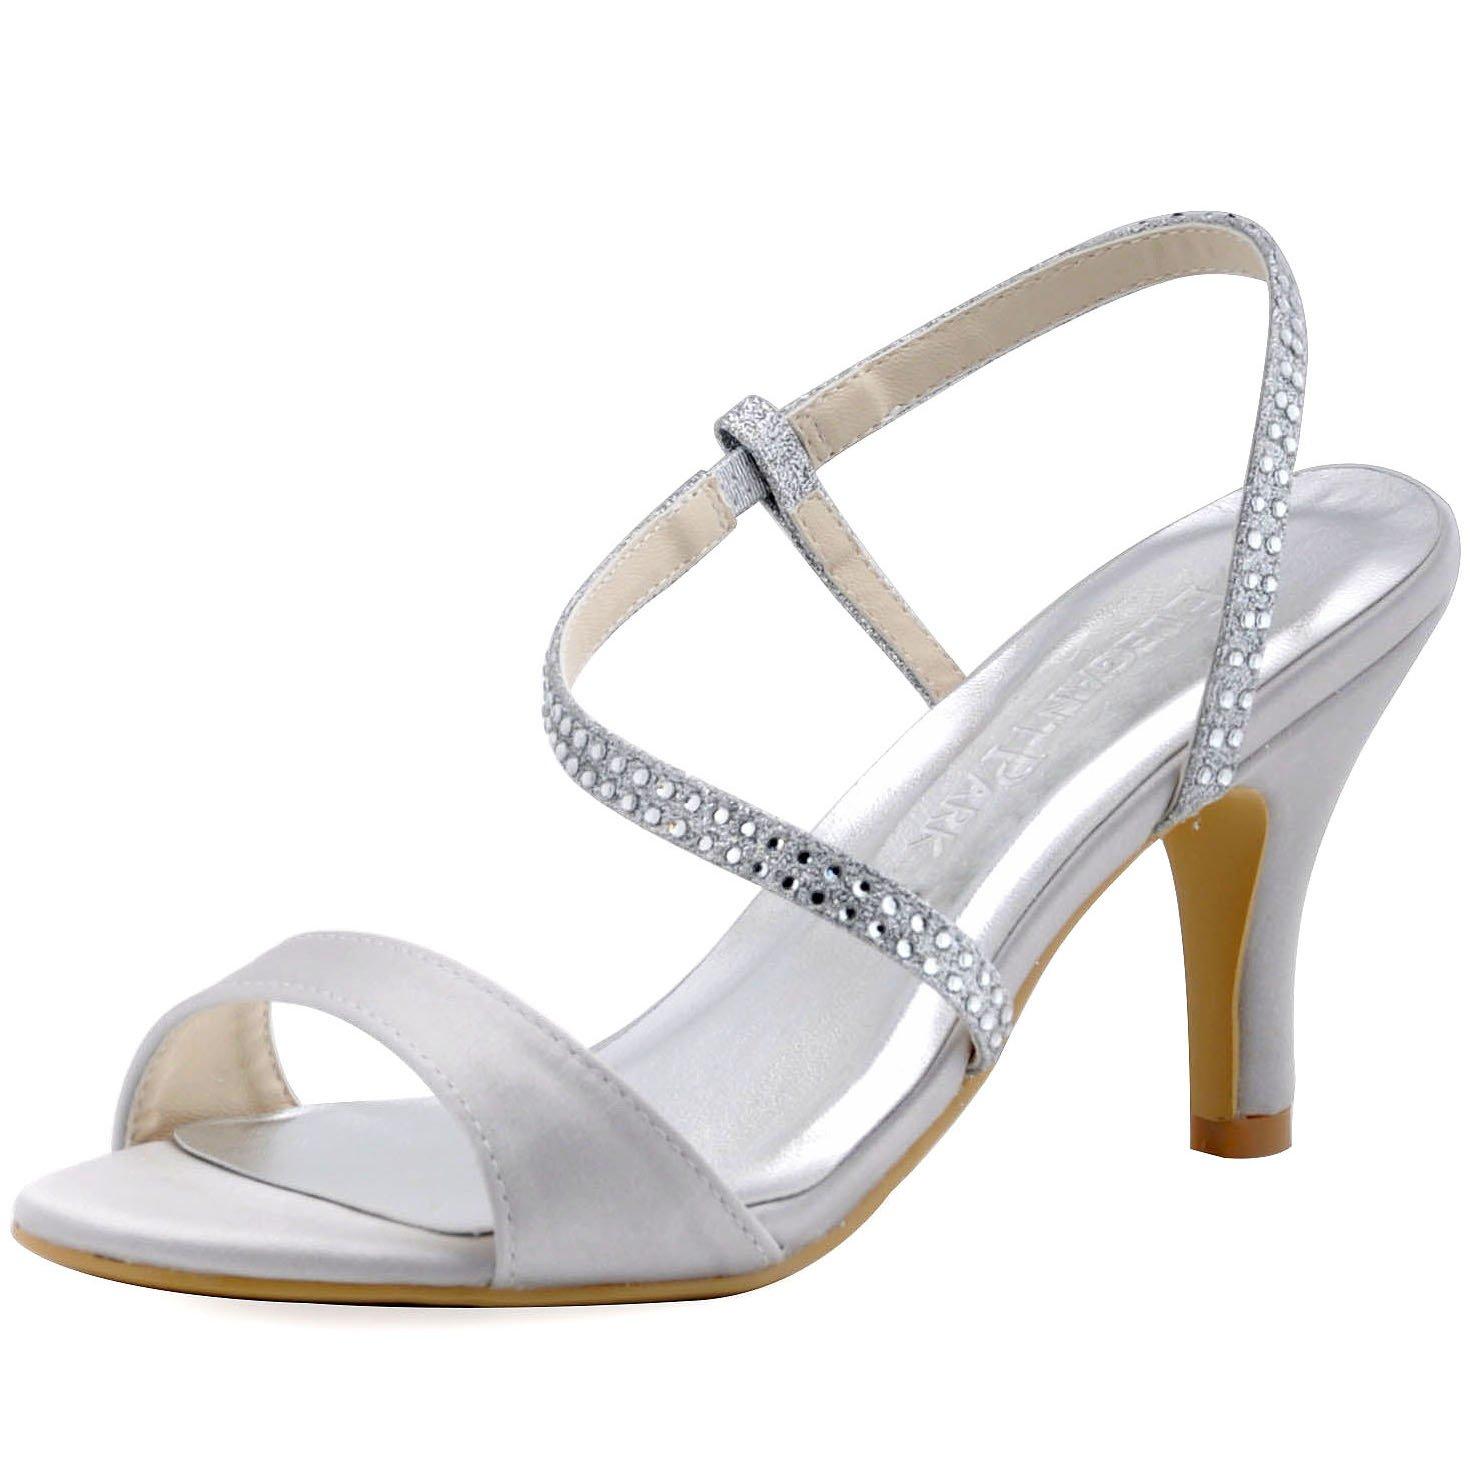 ElegantPark Diamant HP1531 Femme Diamant Bride ElegantPark Stiletto Arriere Aiguille Stiletto Sandales Argent 1fbd8b0 - jessicalock.space